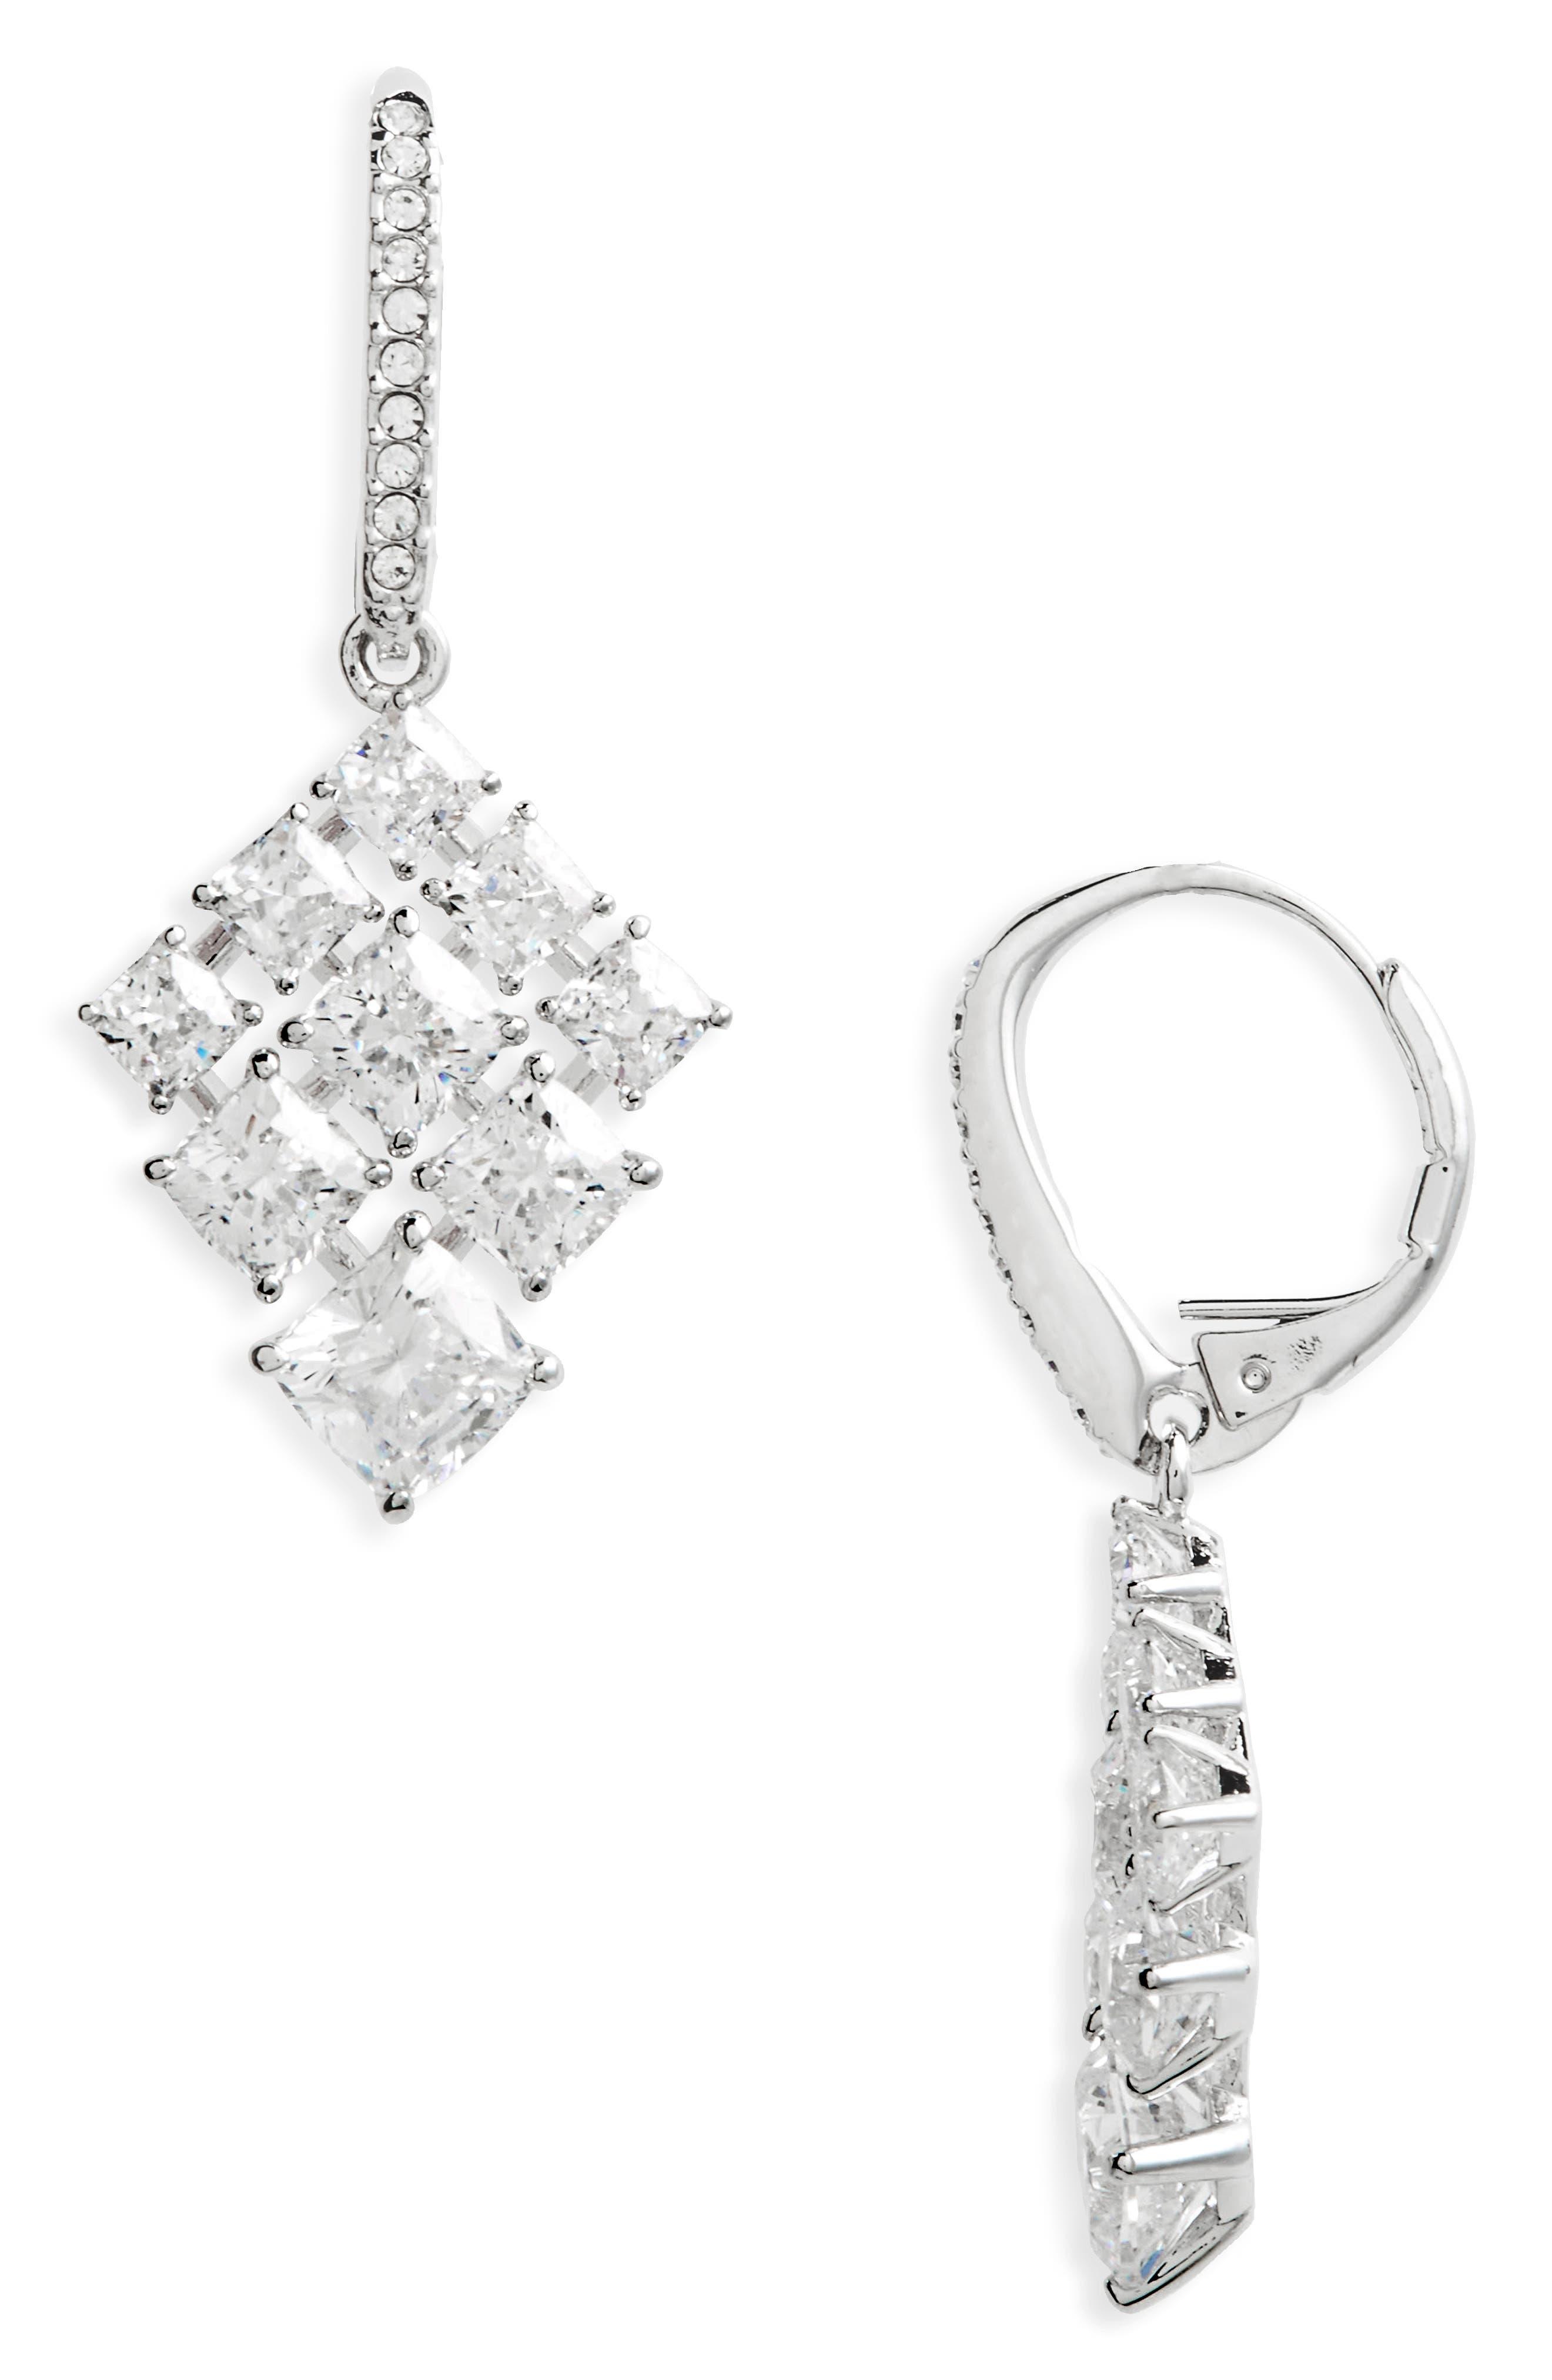 Vera Cubic Zirconia Drop Earrings,                         Main,                         color, Silver